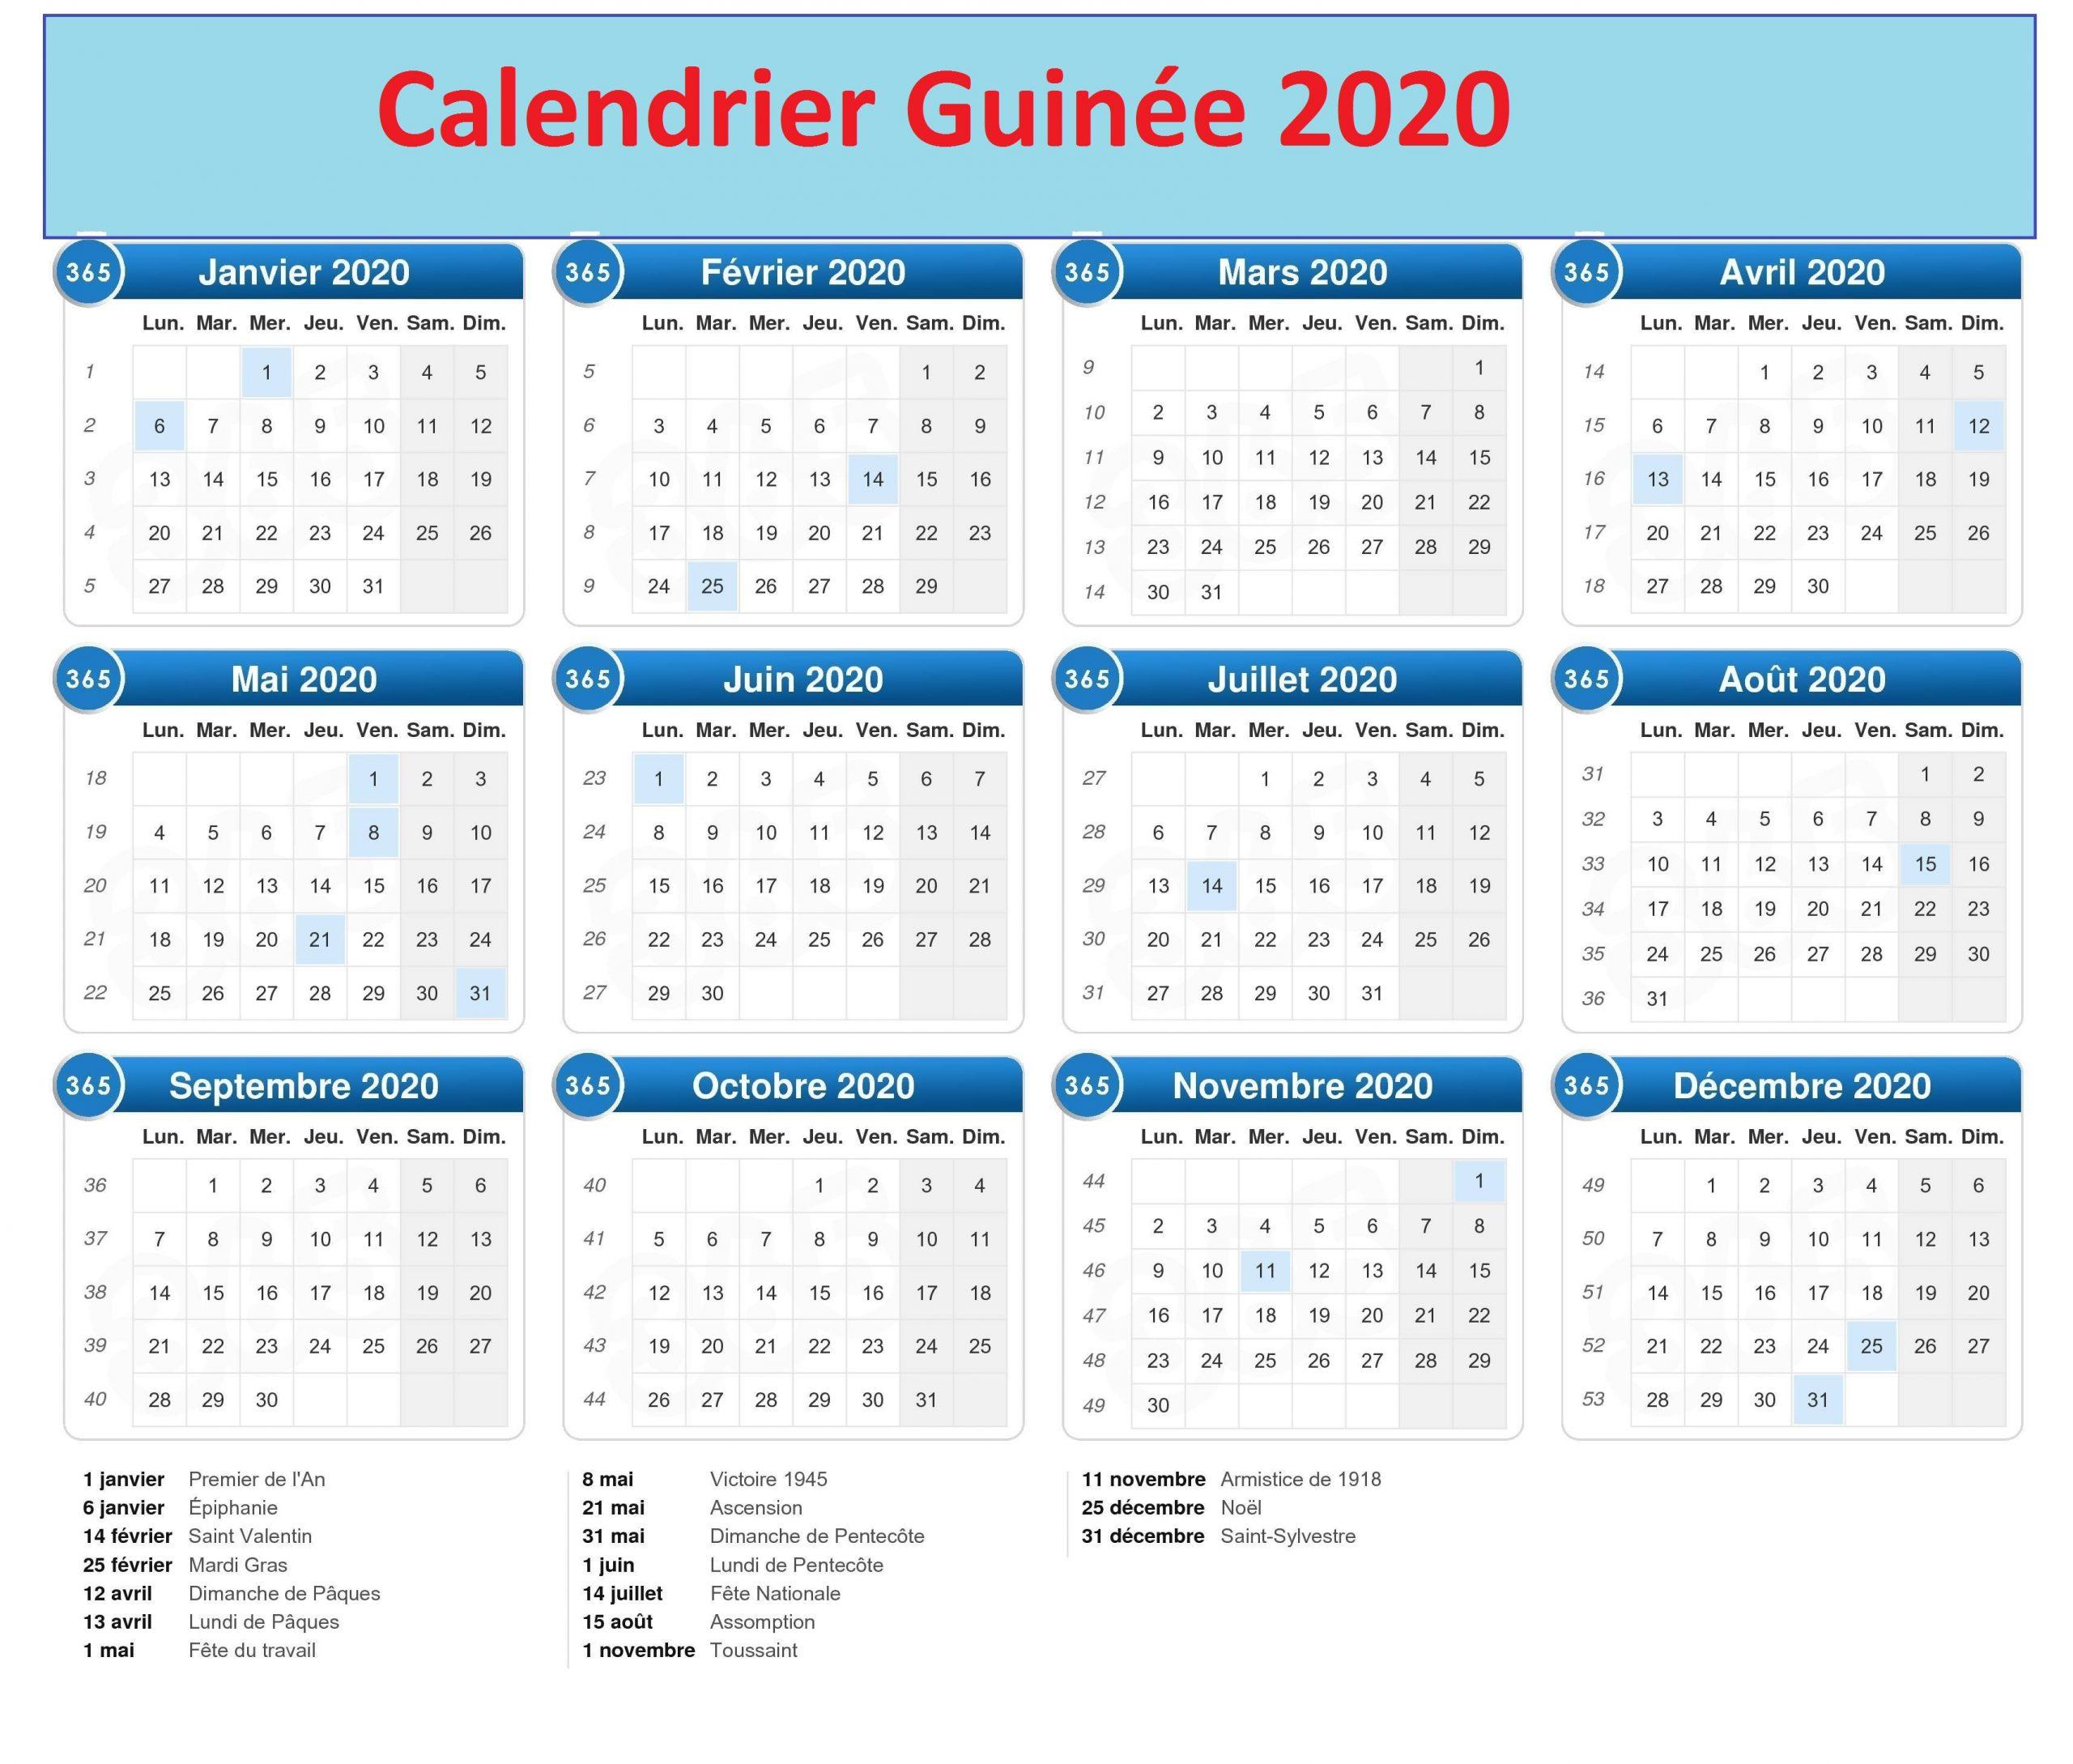 Calendrier Bac Guinée 2020